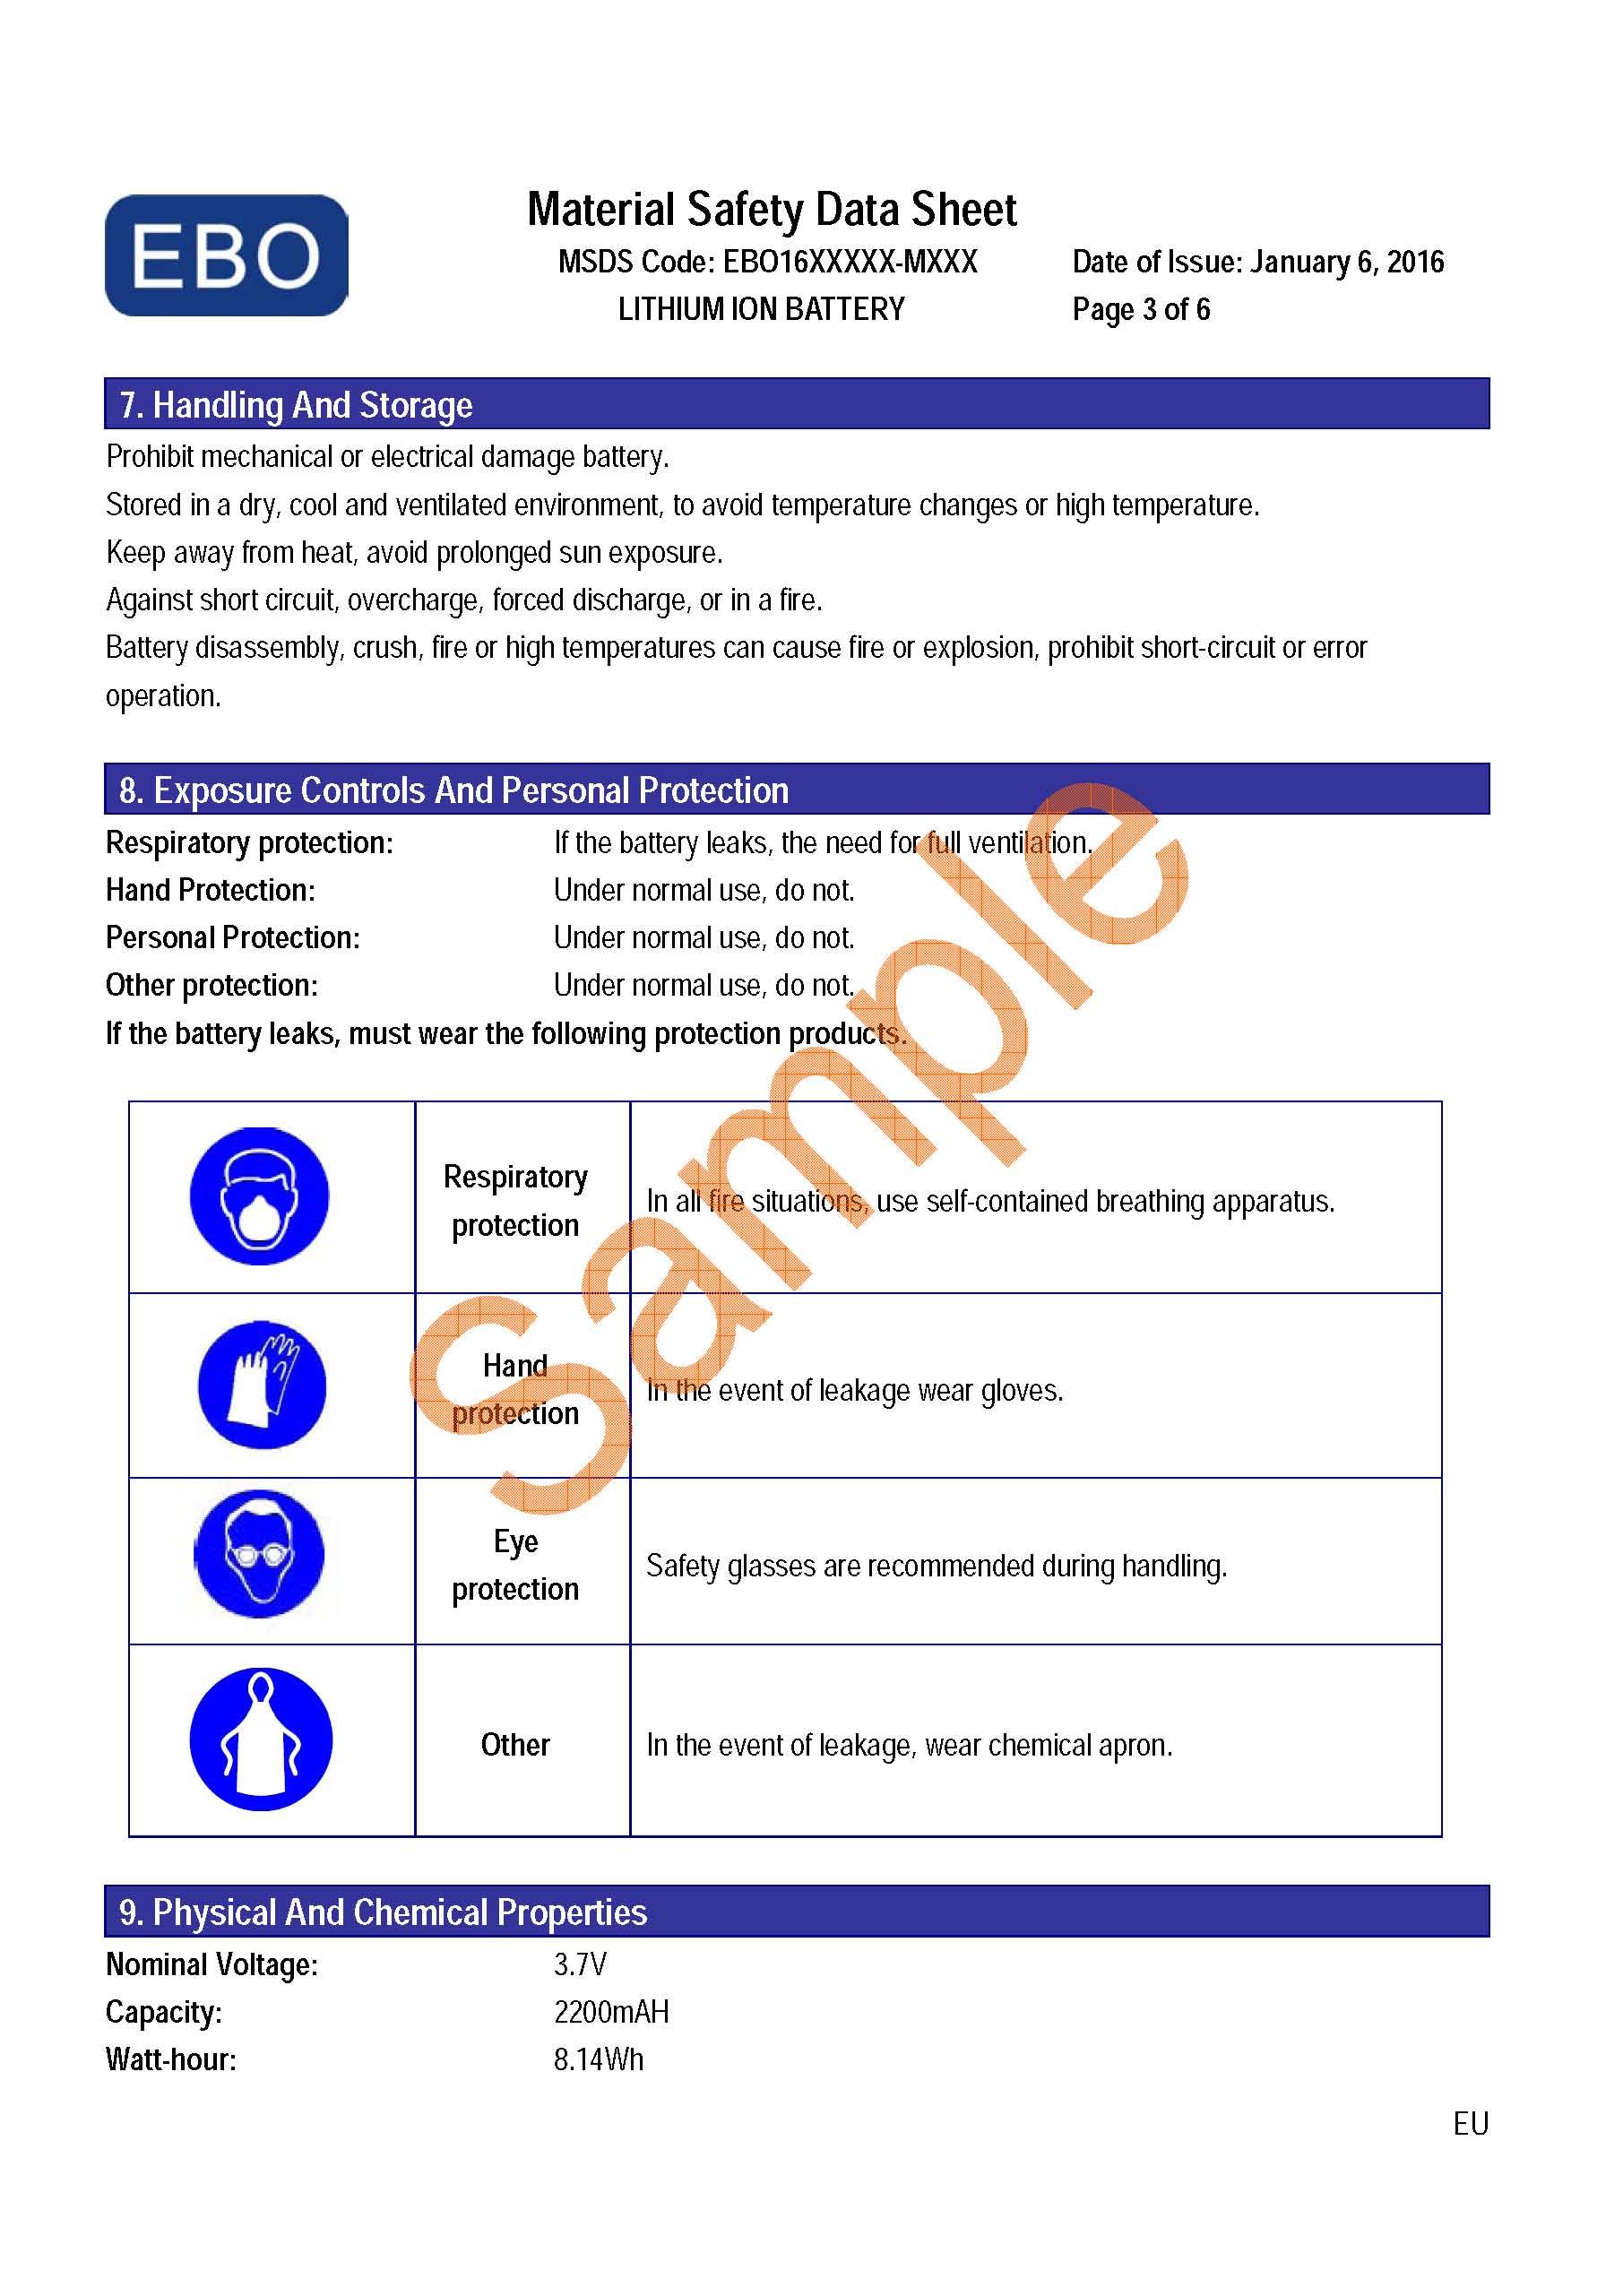 锂电池MSDS报告样本